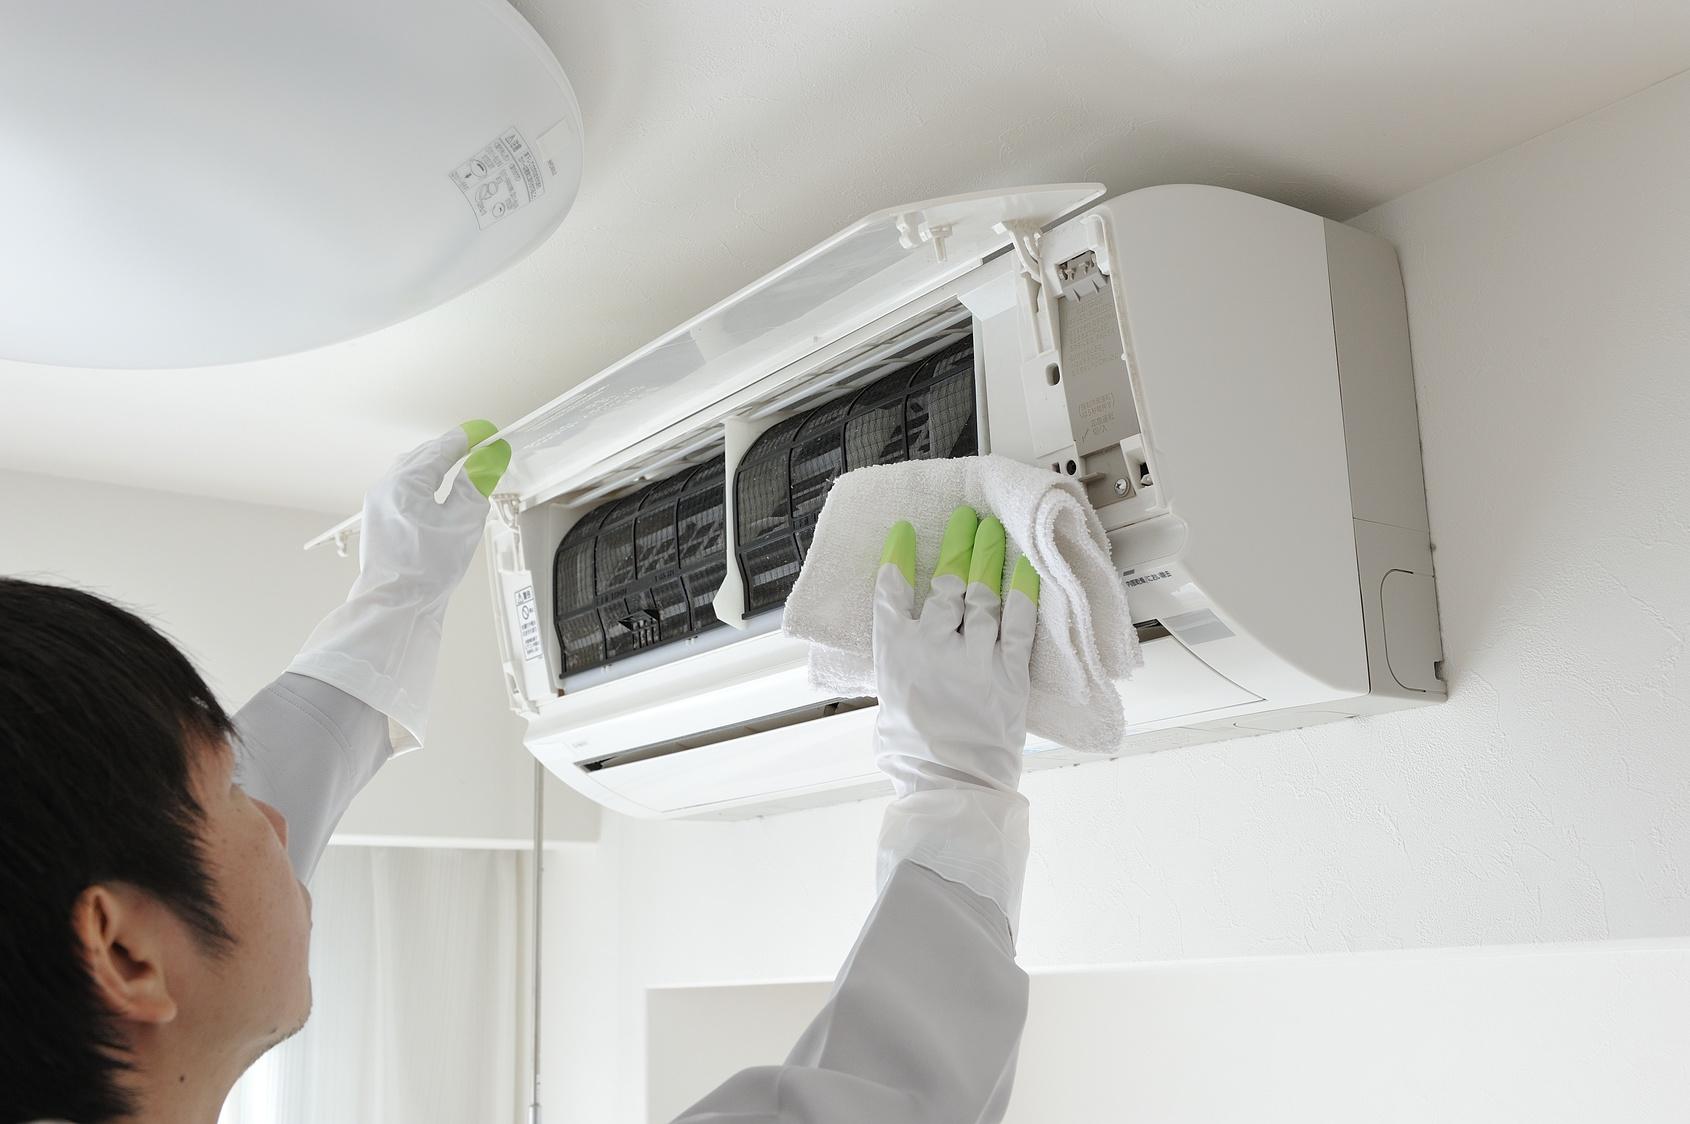 エアコンの掃除方法がわからない人へ